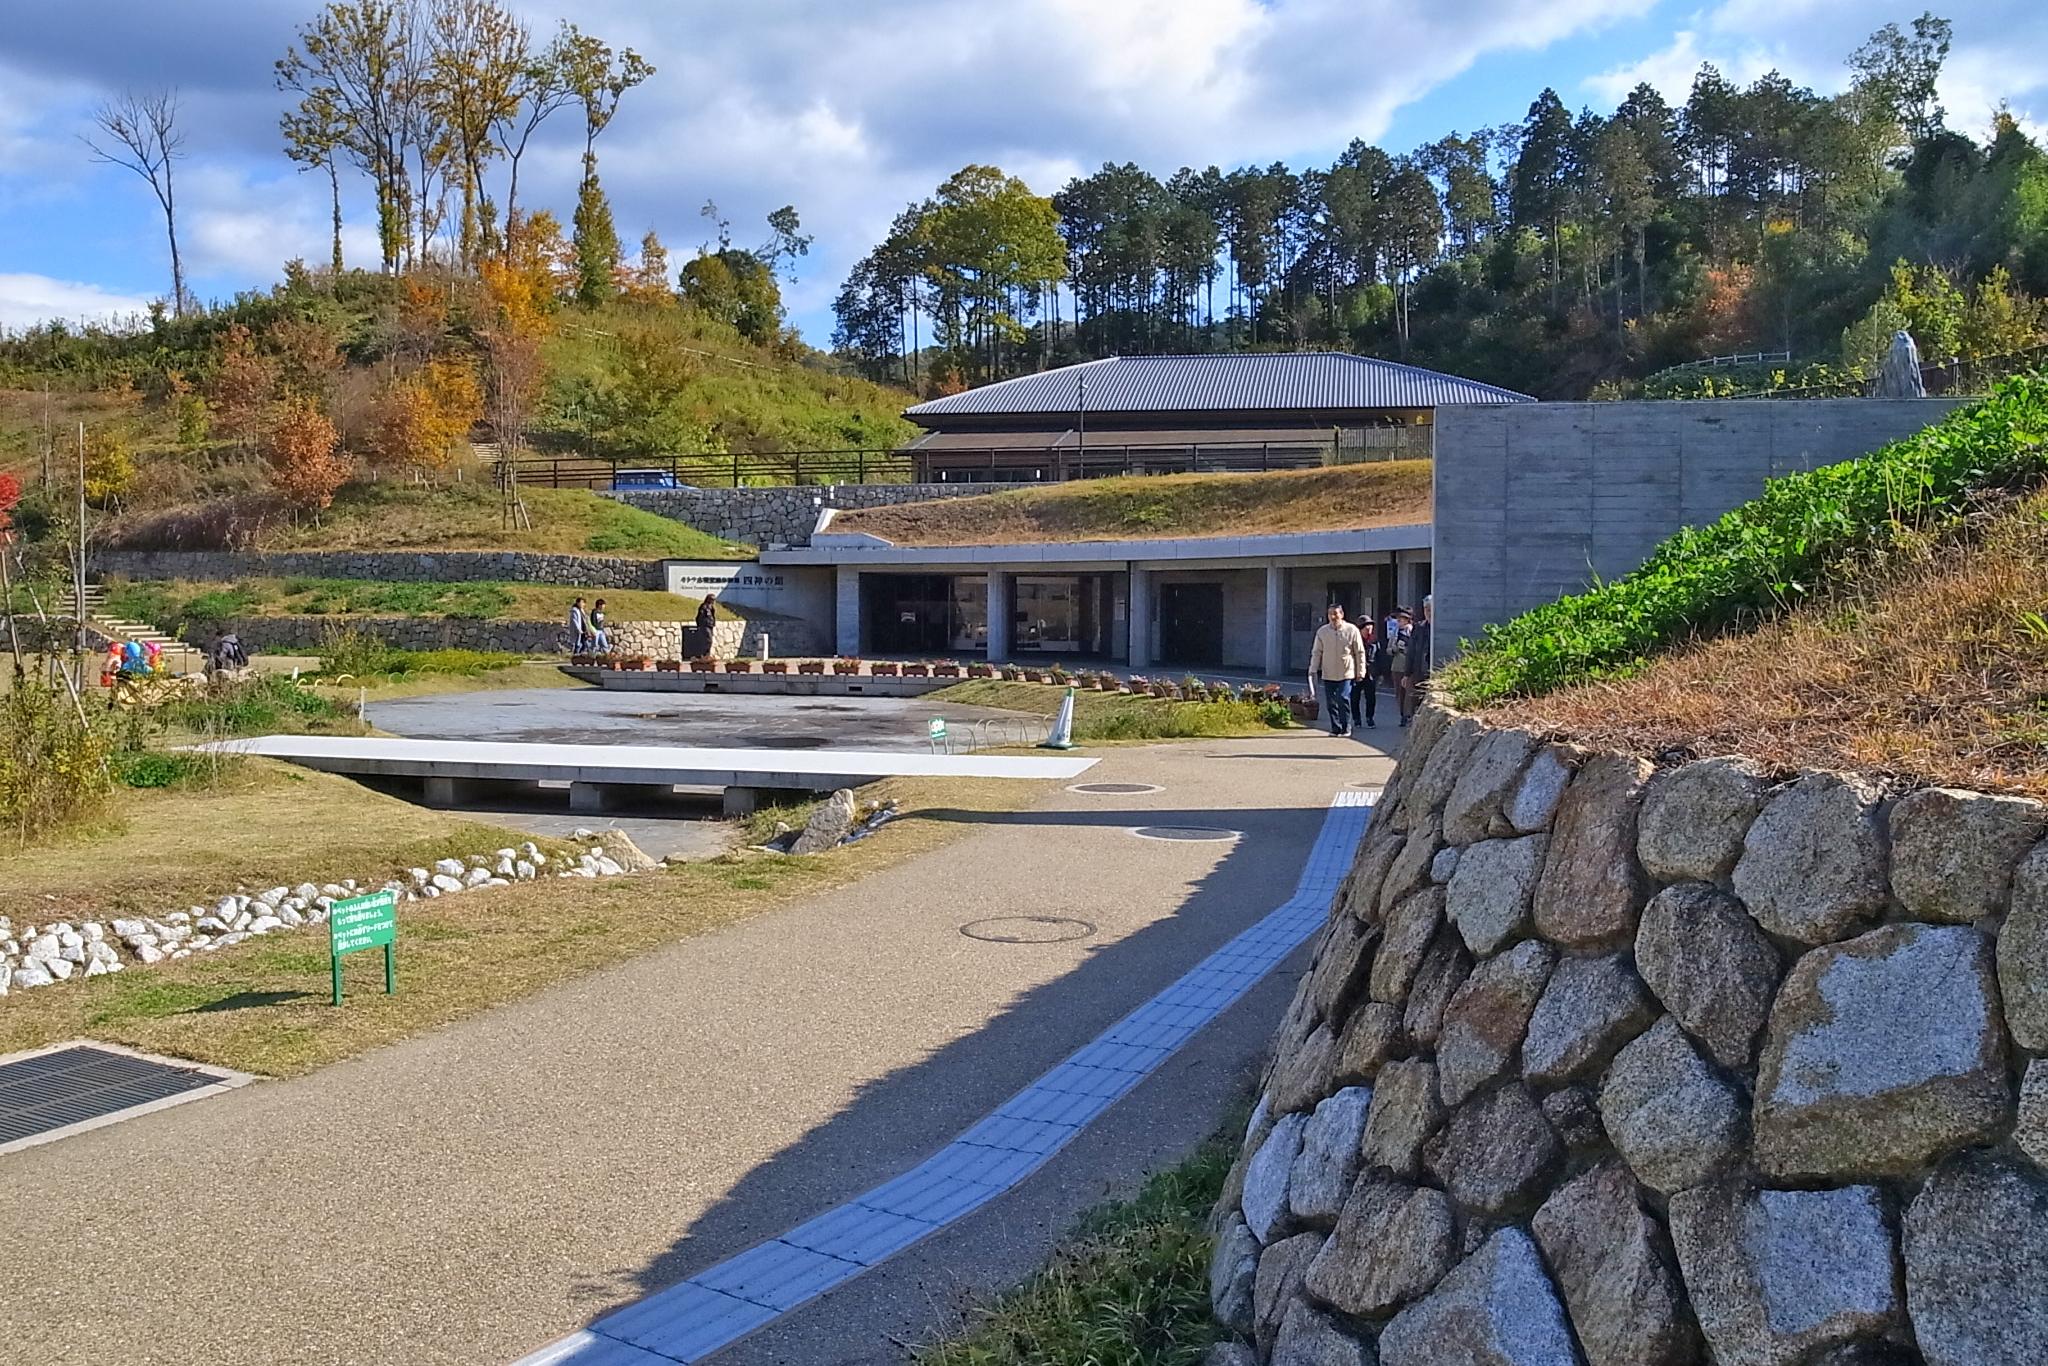 岡寺から車で5分ほどにある「キトラ古墳壁画体験館四神の館」。